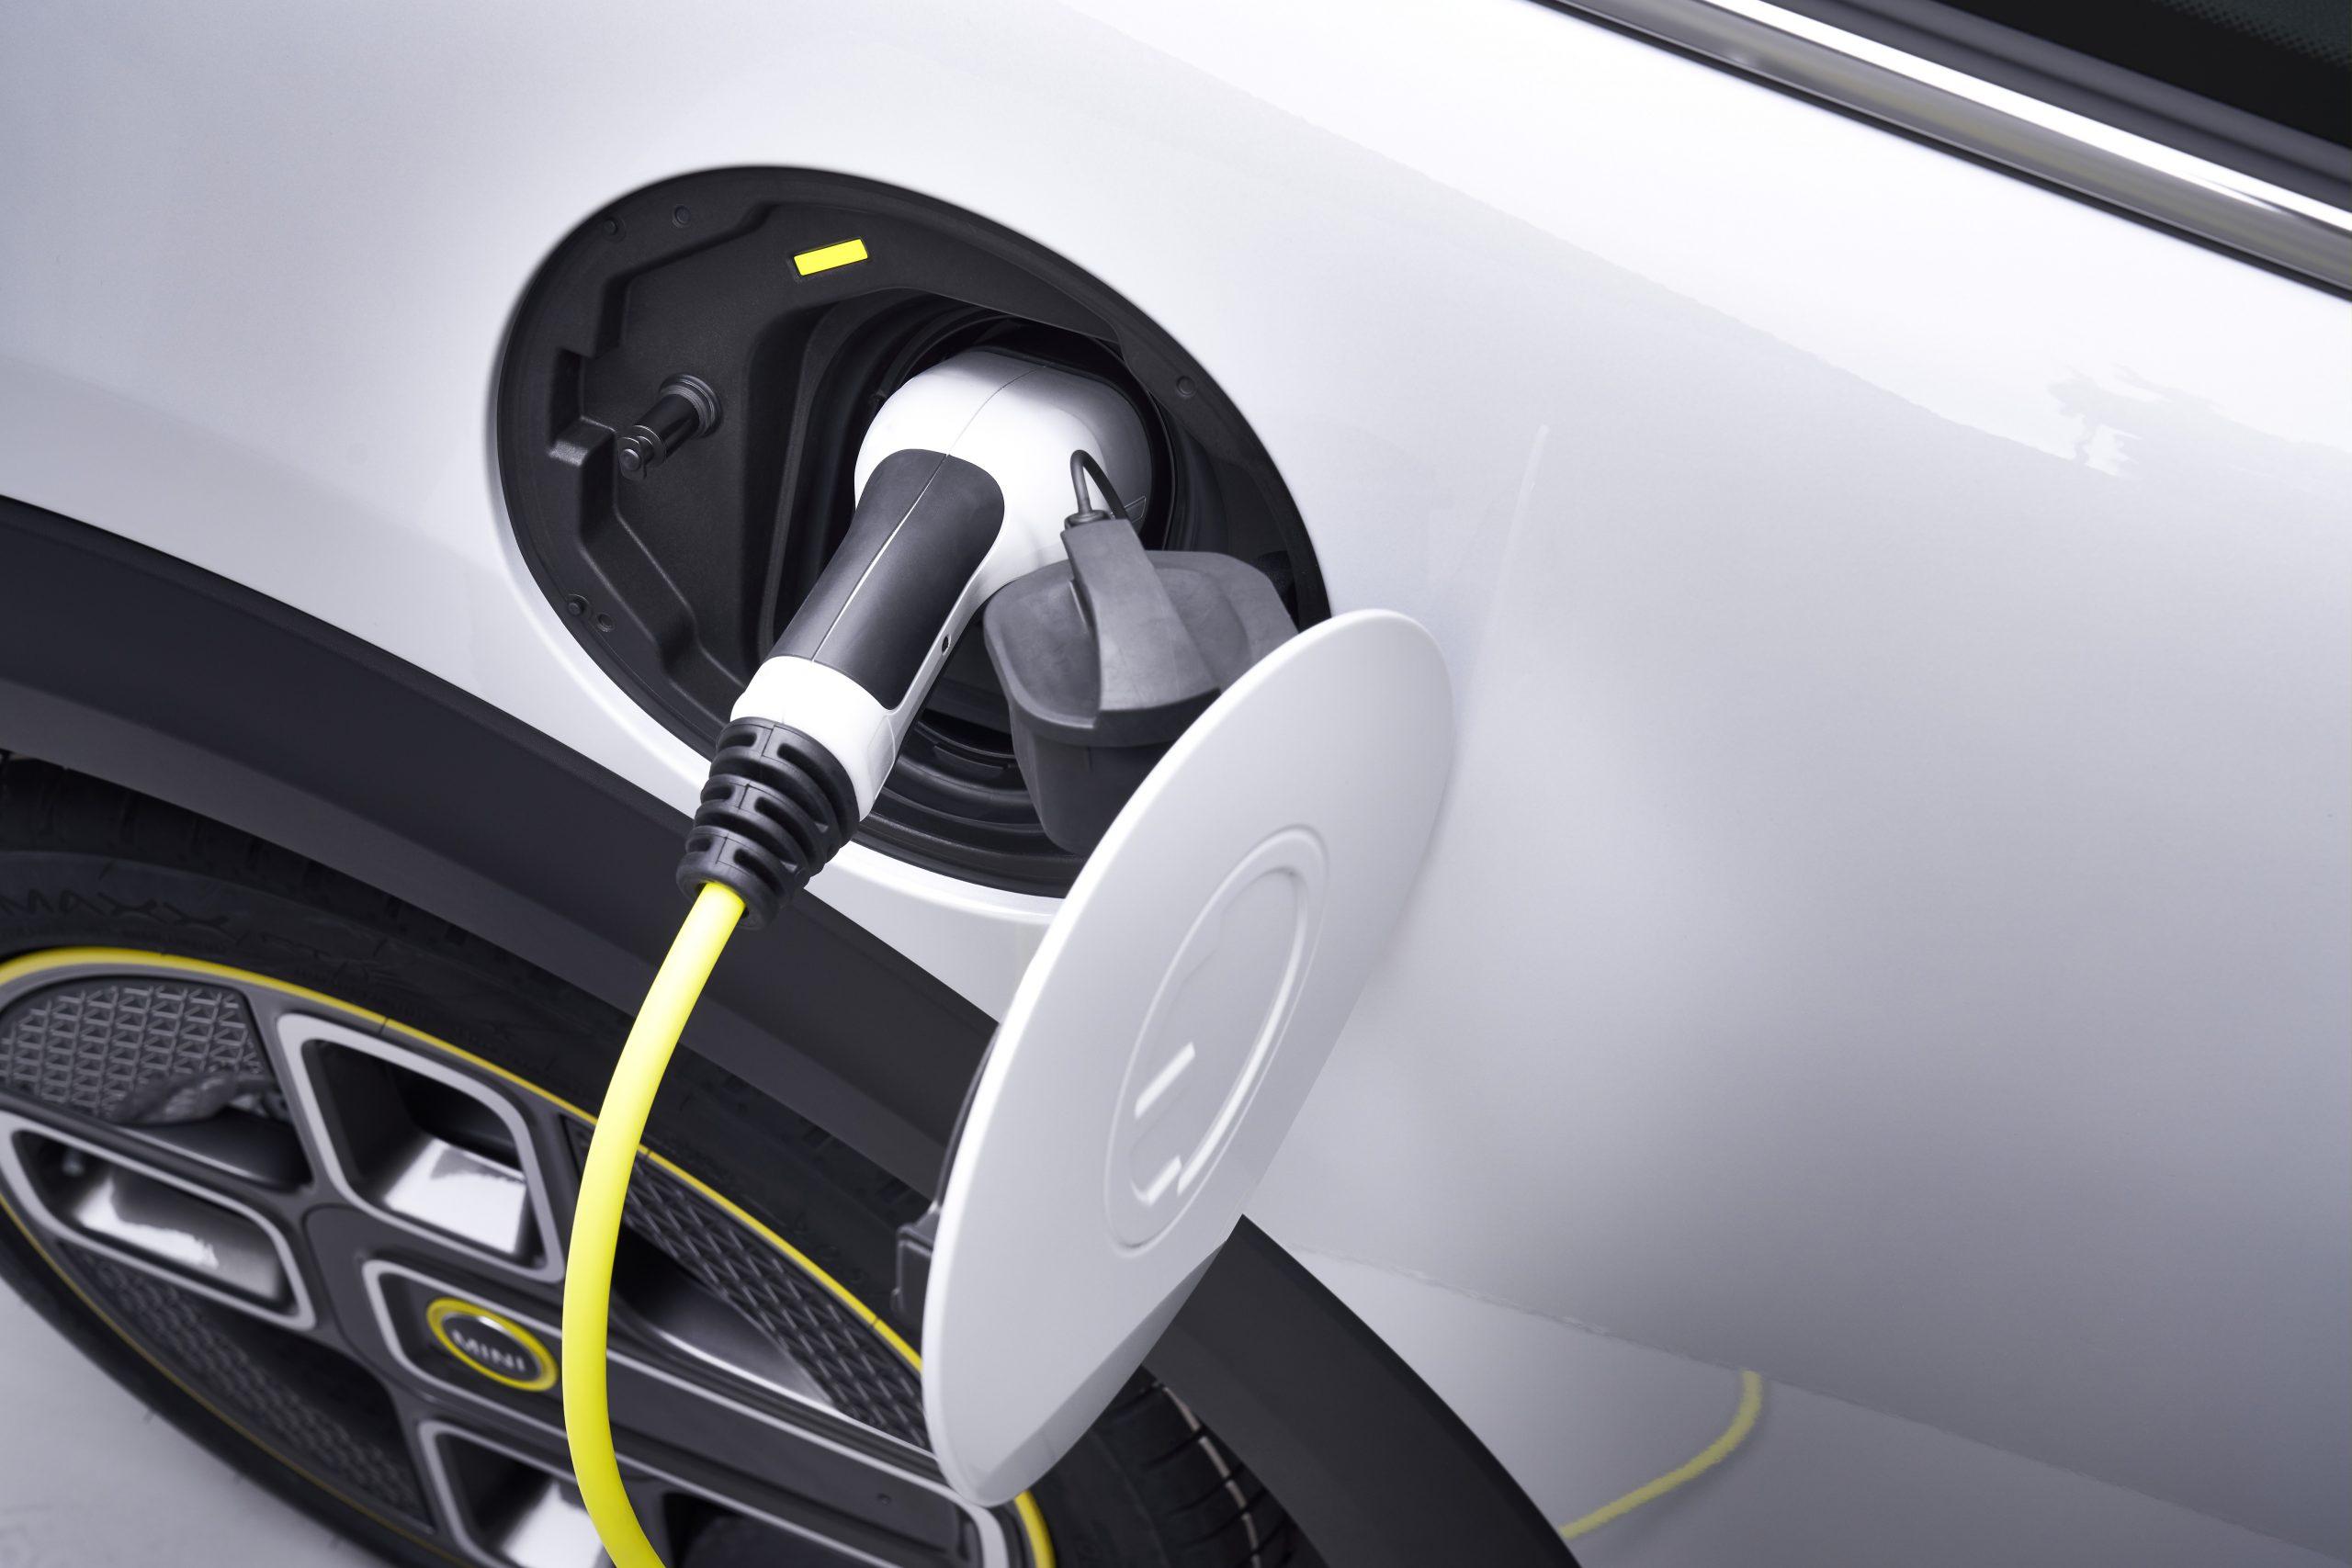 รีวิวรถใหม่2020 : มินิ ประเทศไทย เปิดตัว มินิ คูเปอร์ เอสอี รถยนต์ขับเคลื่อนด้วยพลังงานไฟฟ้า 100% รุ่นแรกจากมินิ เป็นประเทศแรกในภูมิภาคเอเชีย แปซิฟิก